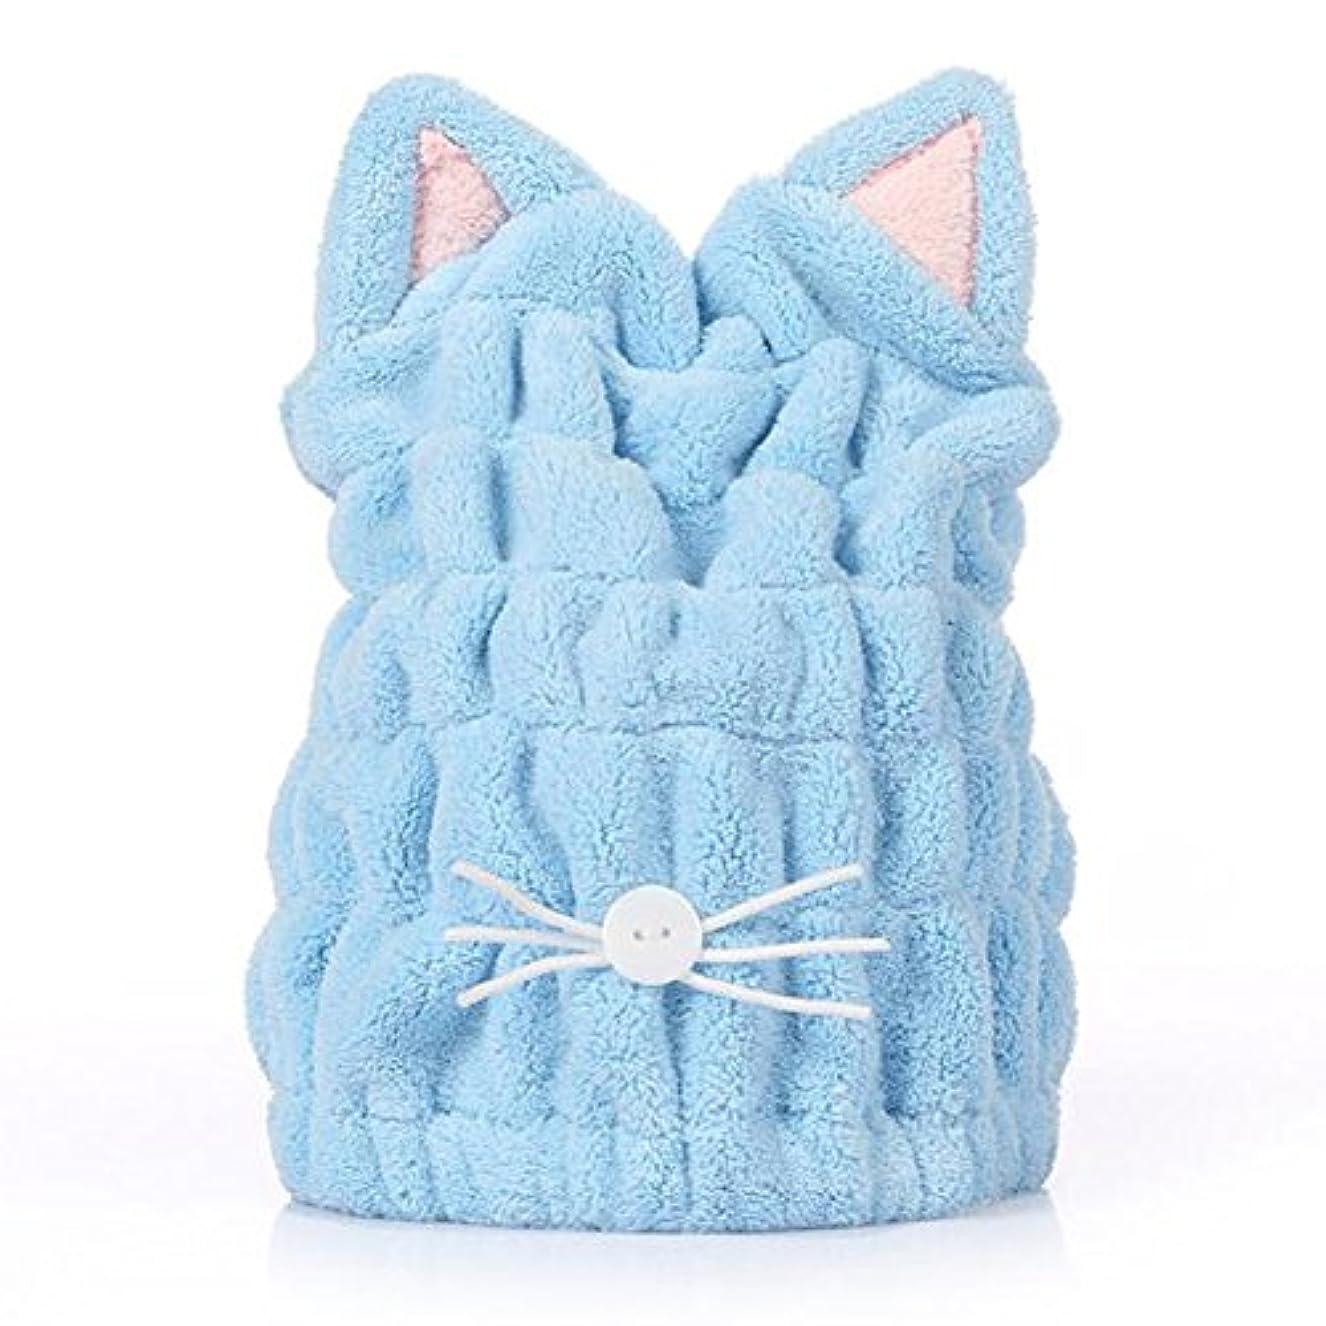 コテージ等しいフレットタオルキャップ 猫耳 ヘアドライキャップ 吸水 乾燥用 お風呂用 マイクロファイバー 可愛い (ブルー)